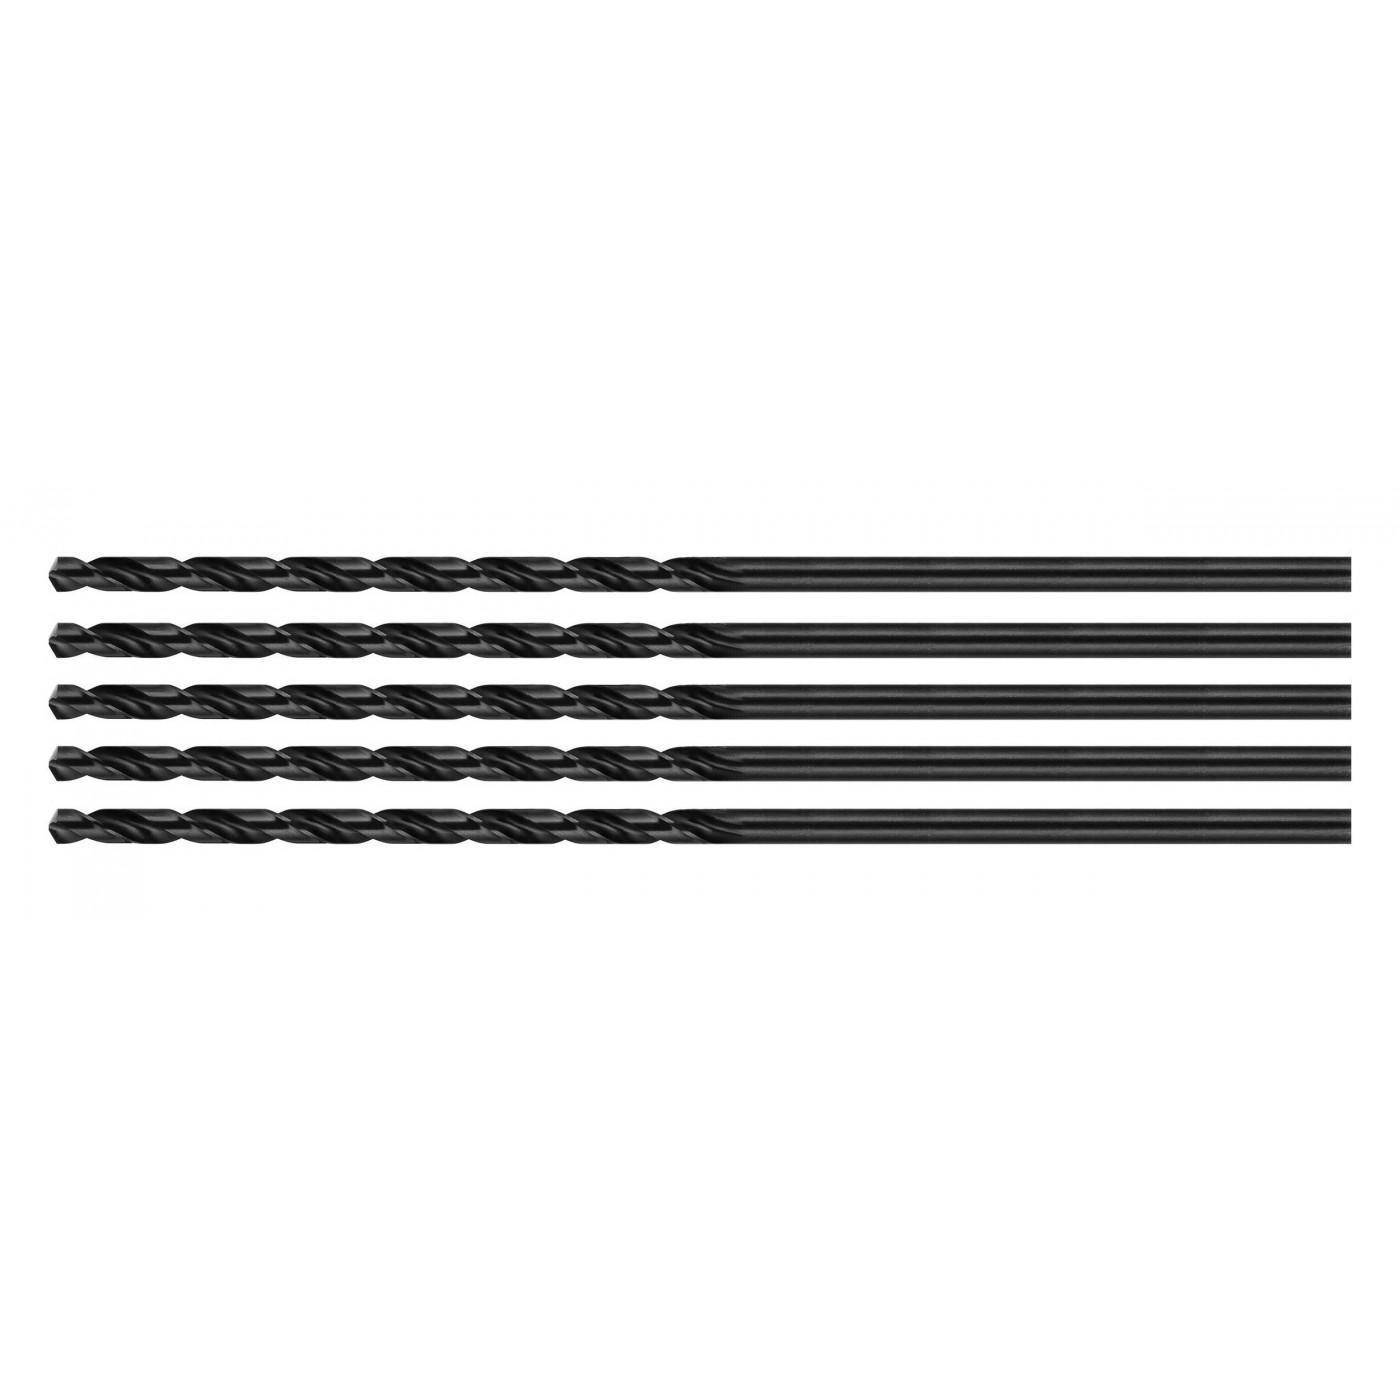 Set of 5 metal drill bits (HSS, 4.2x150 mm)  - 1